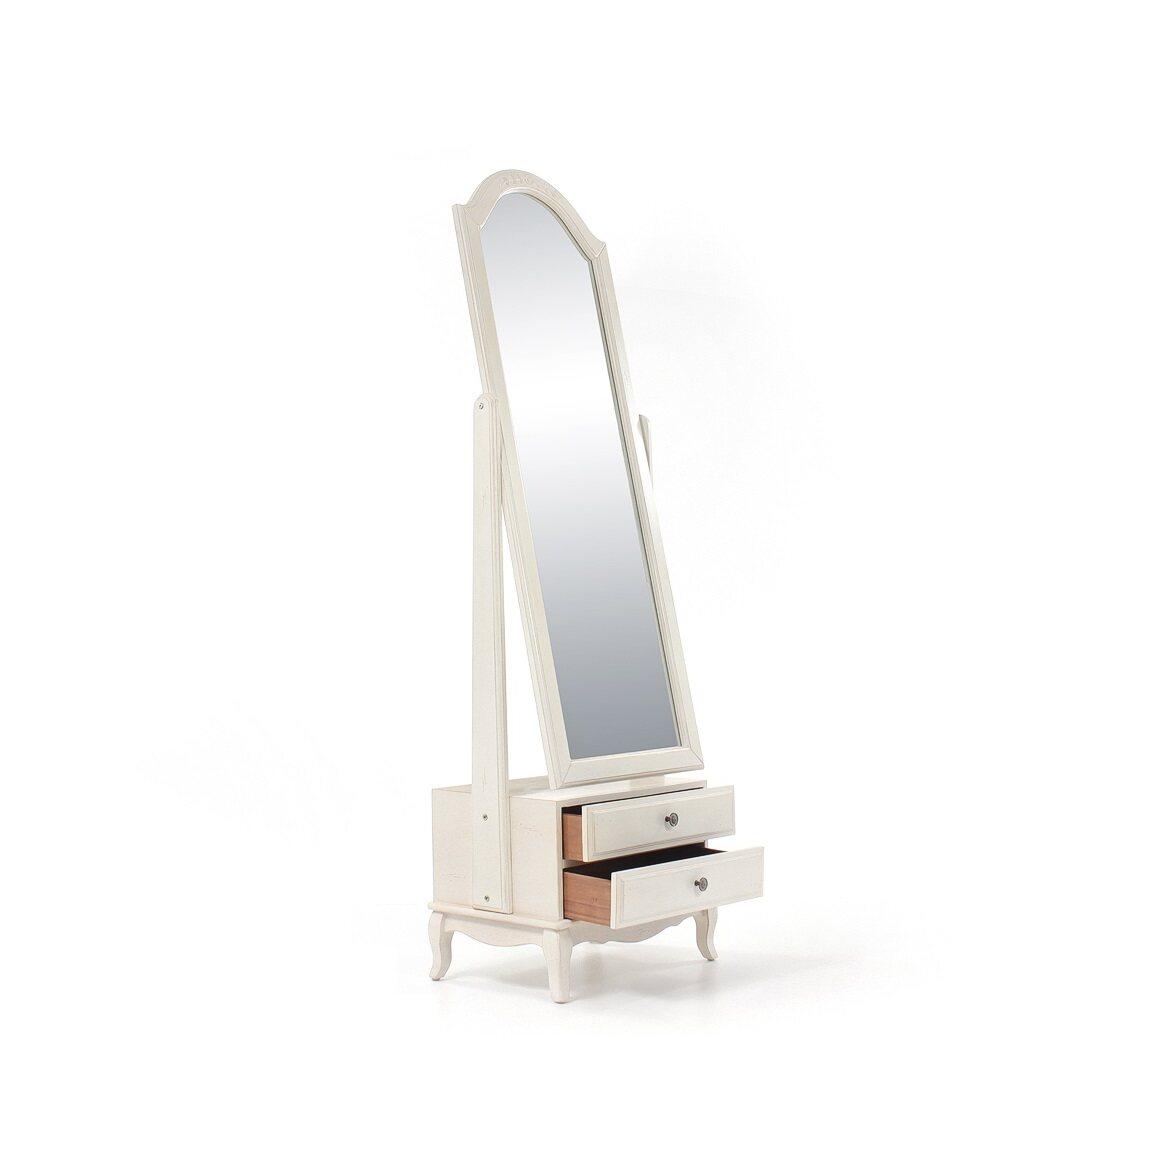 Напольное зеркало Leontina, бежевого цвета 3 | Прямоугольные зеркала Kingsby